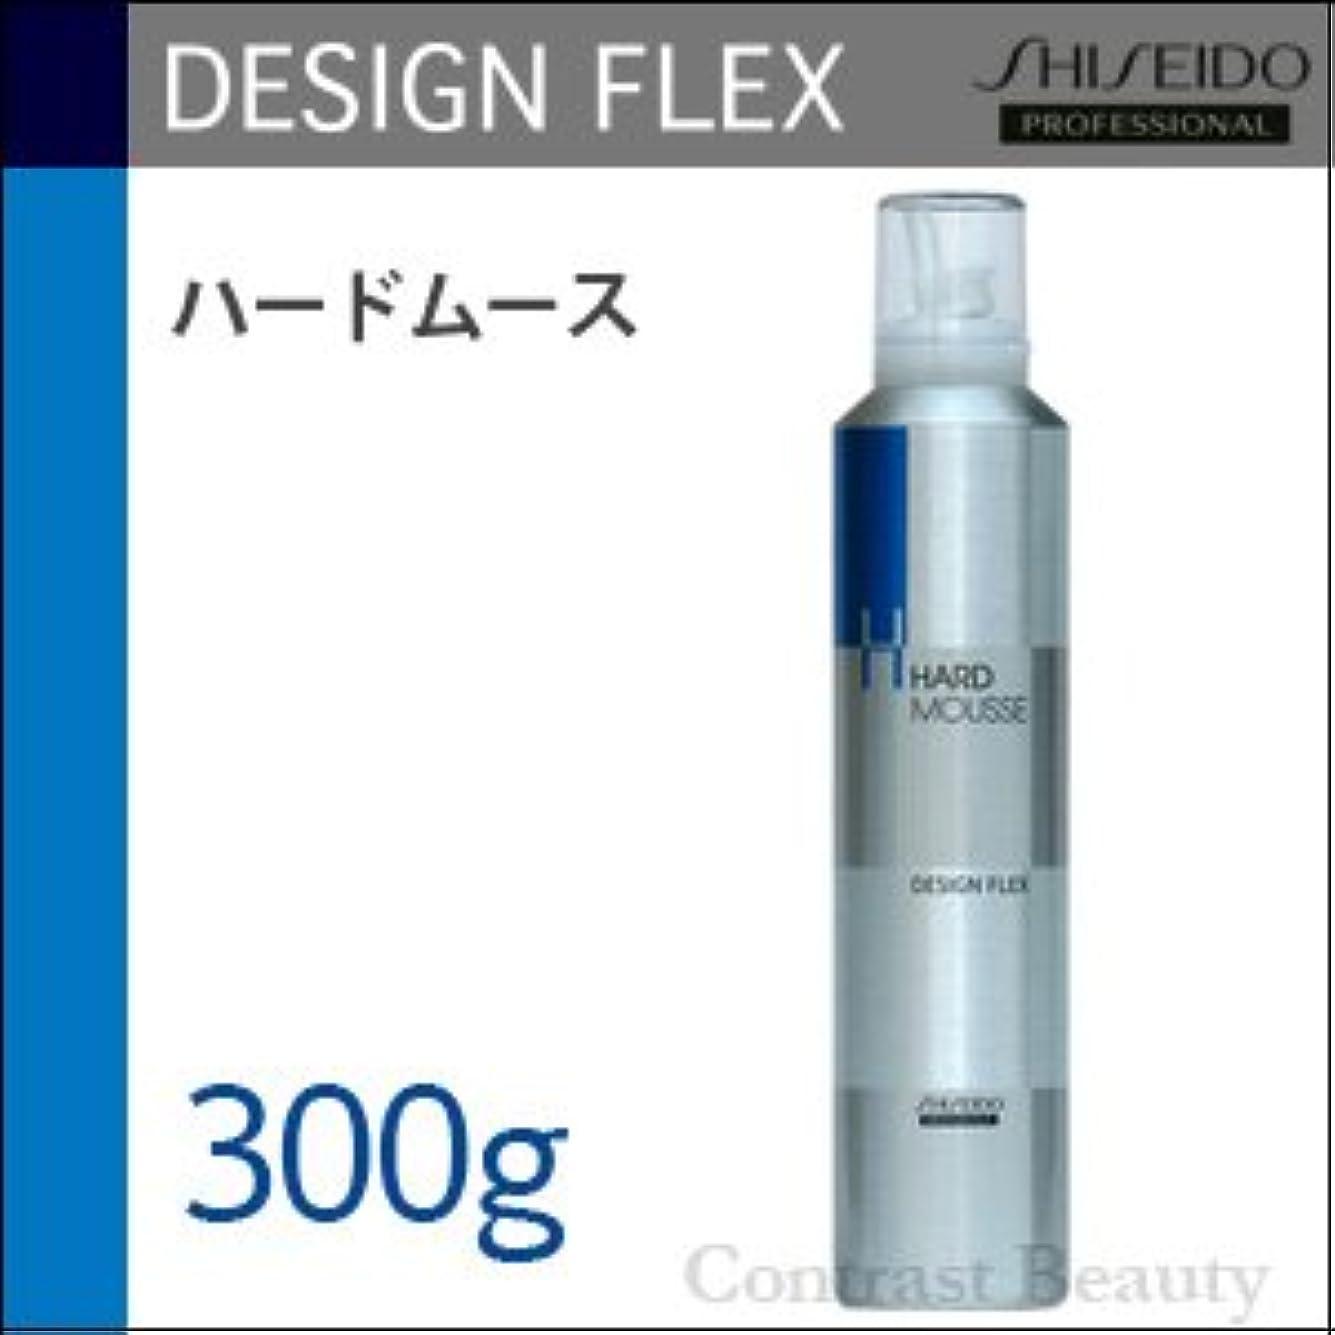 不透明なサンプル困った【x3個セット】 資生堂 デザインフレックス ハードムース 300g